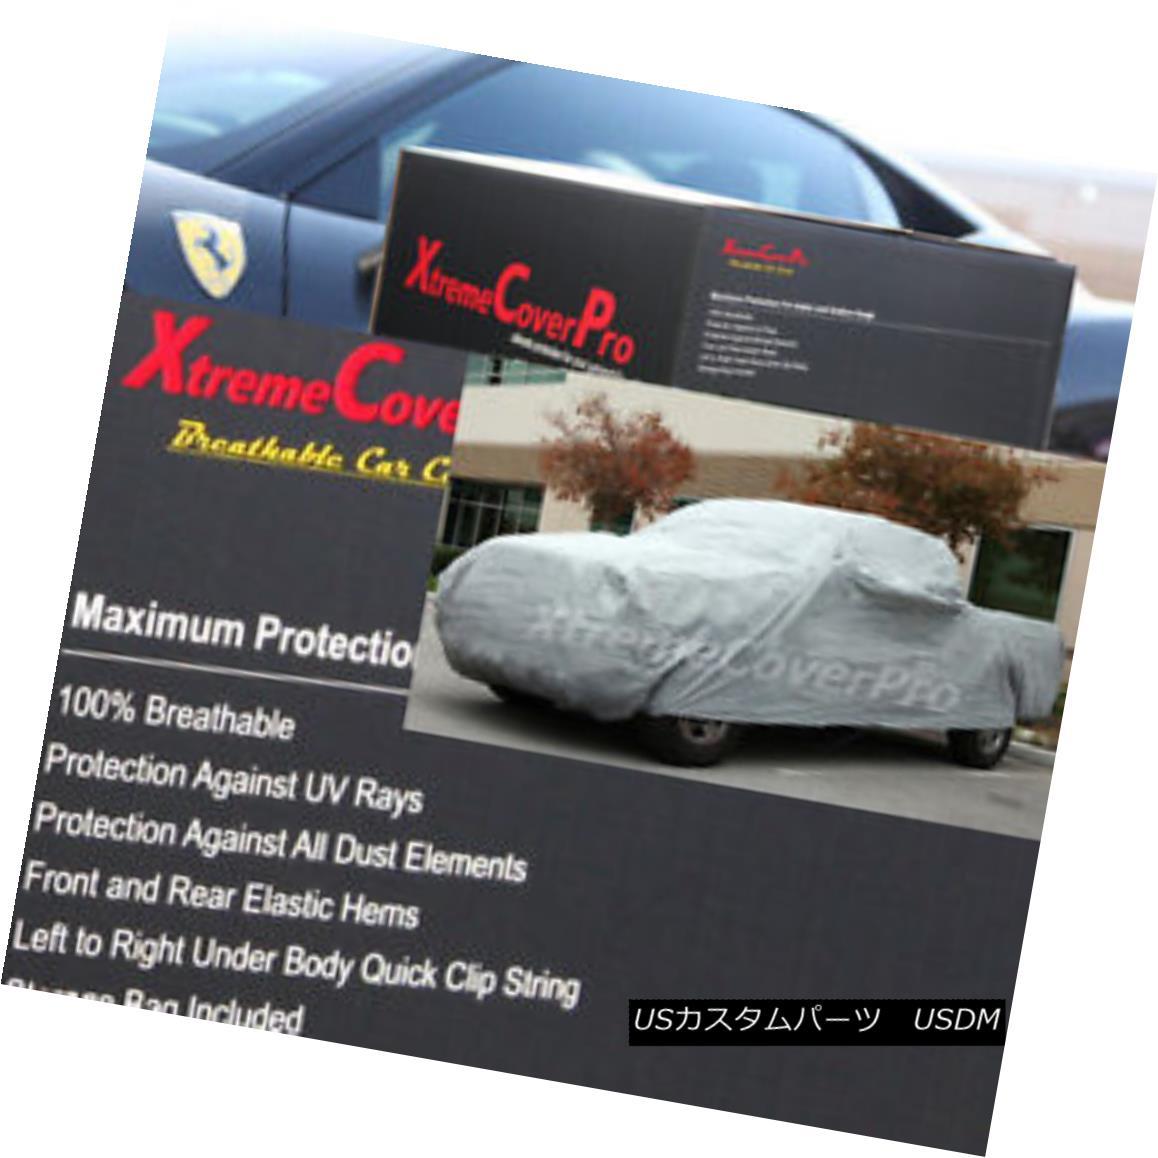 カーカバー 2000 2001 2002 Dodge Ram 2500 Quad Cab 6.5ft Bed Breathable Truck Cover 2000 2001 2002 Dodge Ram 2500クワッドキャブ6.5ftベッド通気性トラックカバー